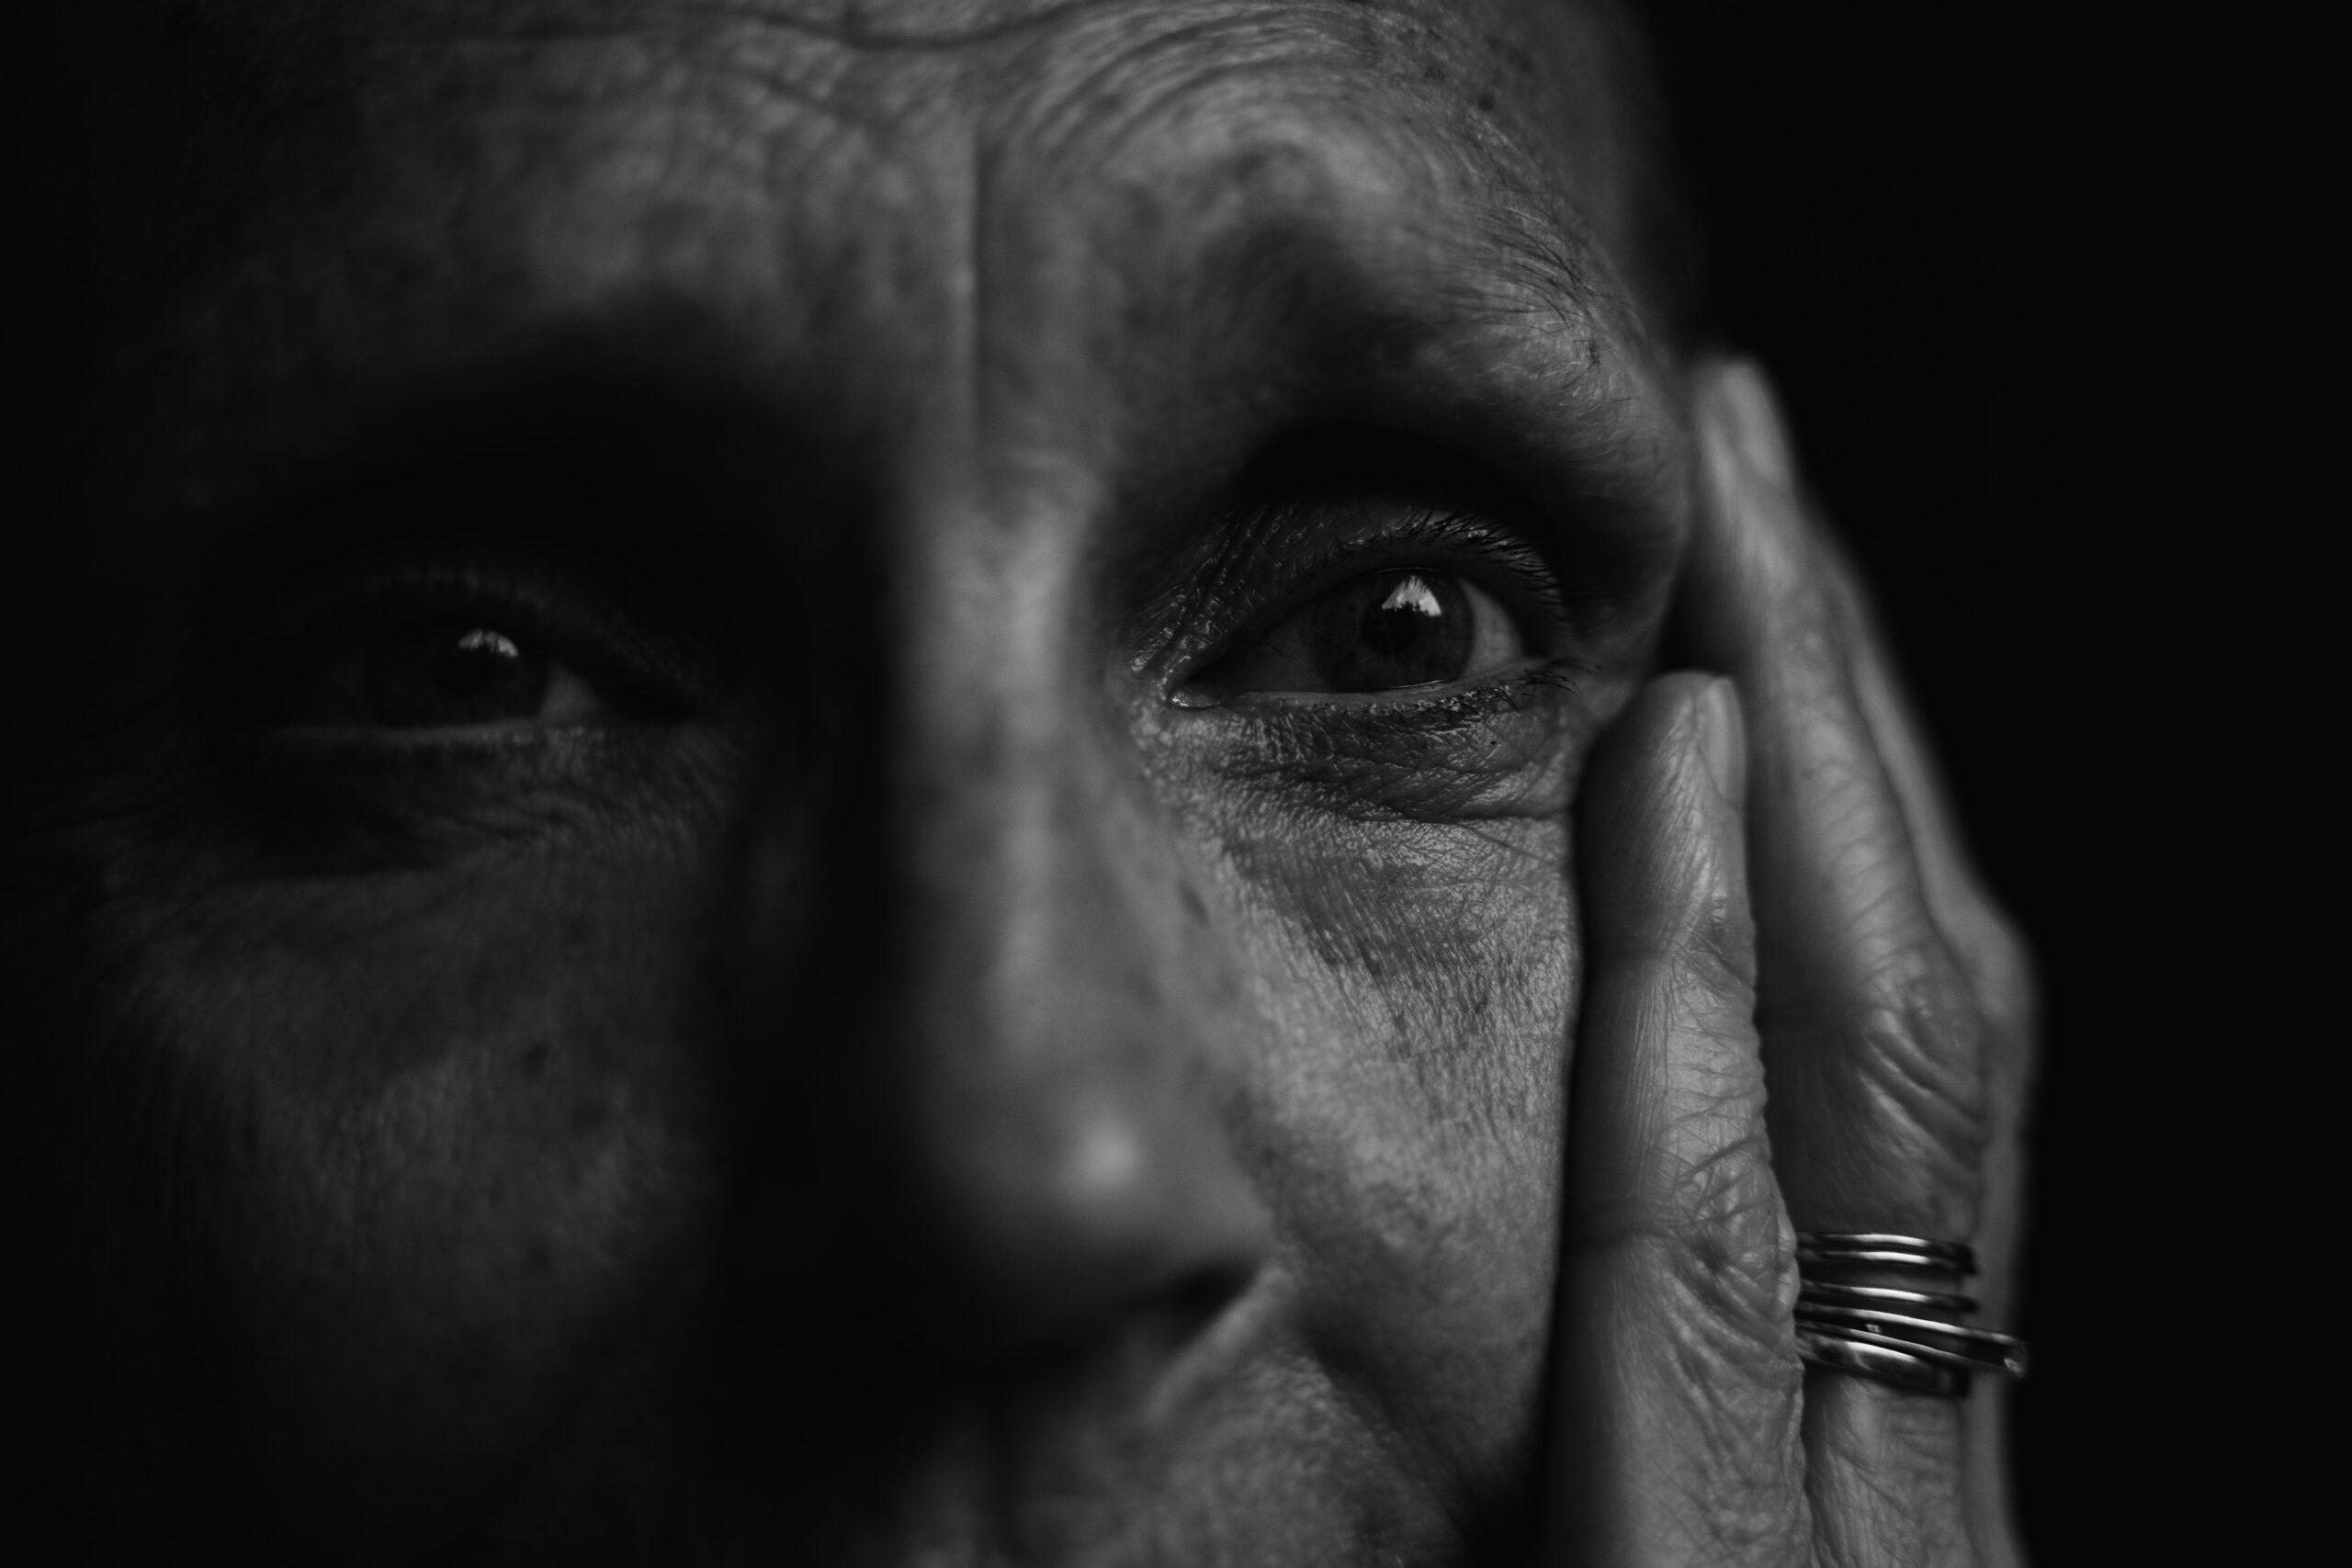 Hur skiljer man på utmattning och Alzheimer?